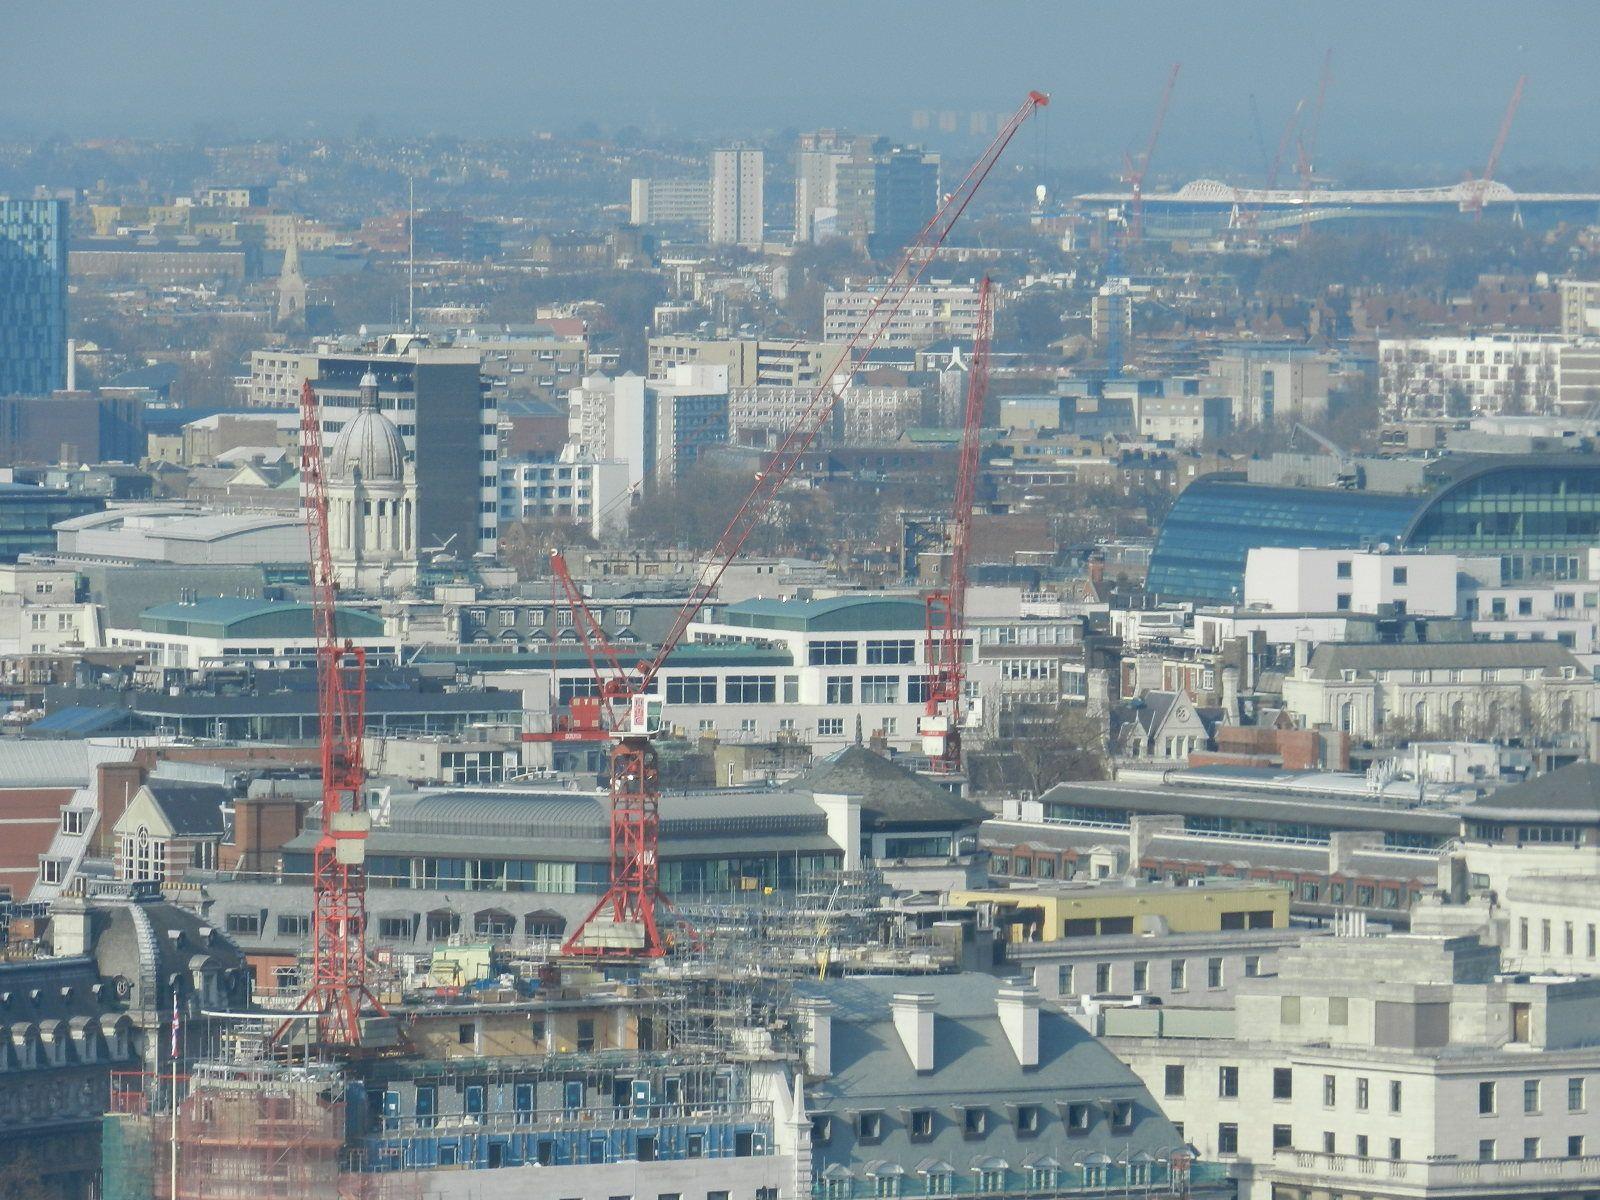 Londres em obras, preparando-se para as Olimpíadas 2012.